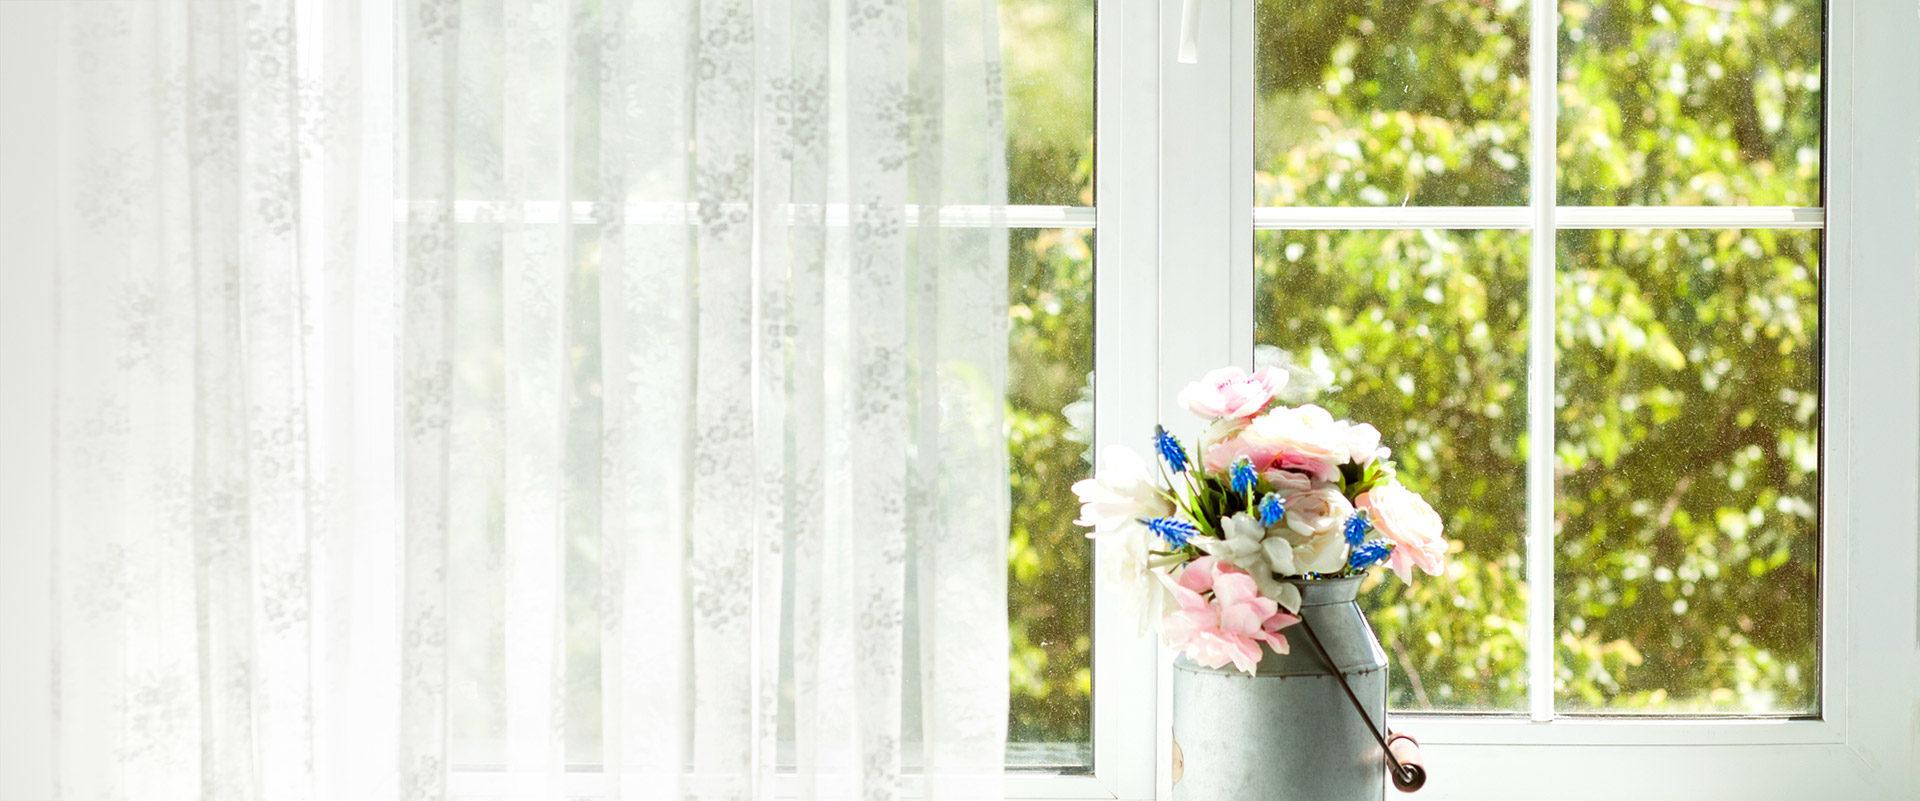 картинка фоновая окно на дачу